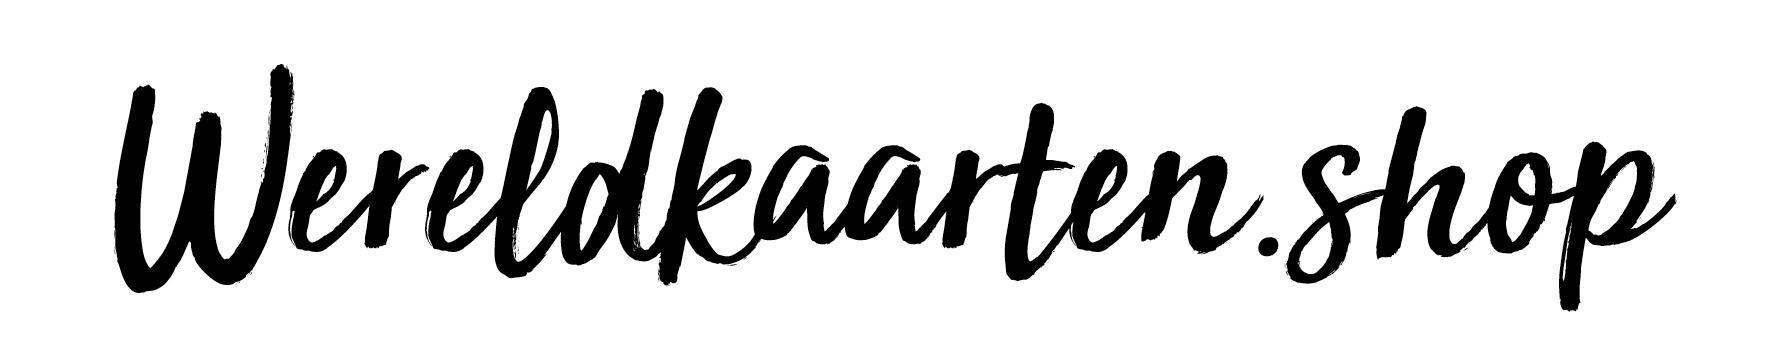 WereldkaartenShop-logo-algemeen